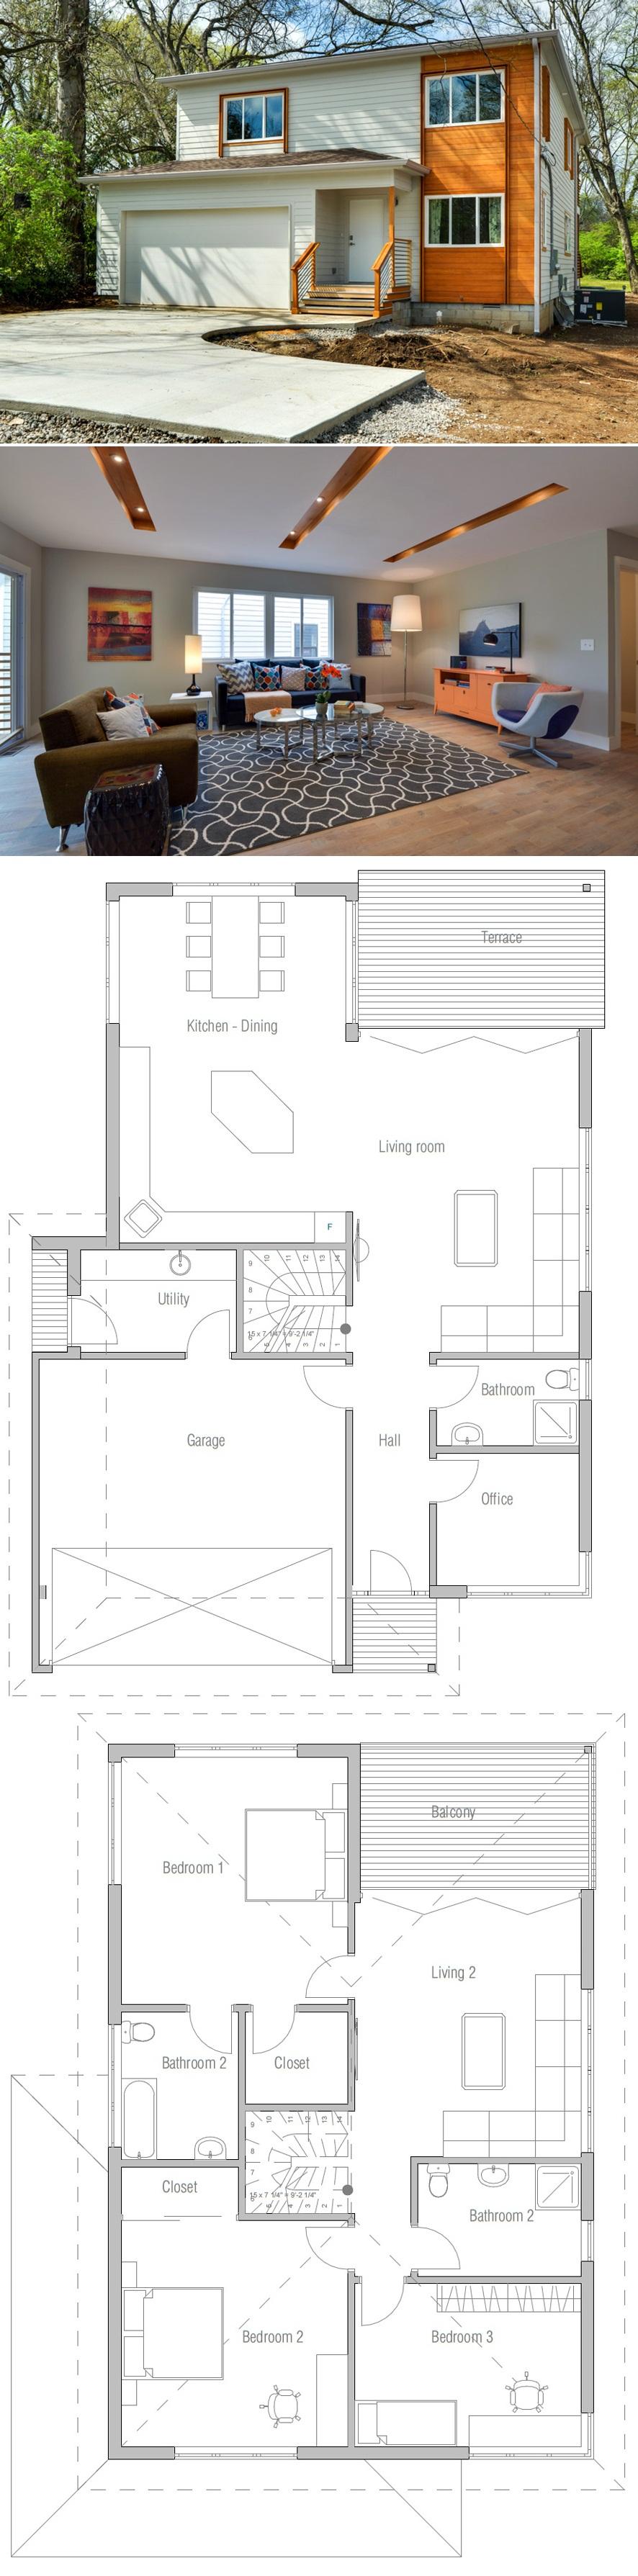 Grundrisse moderne häuser kleine häuser kleines haus pläne doppelhaus sims home pläne haus design grundrisse